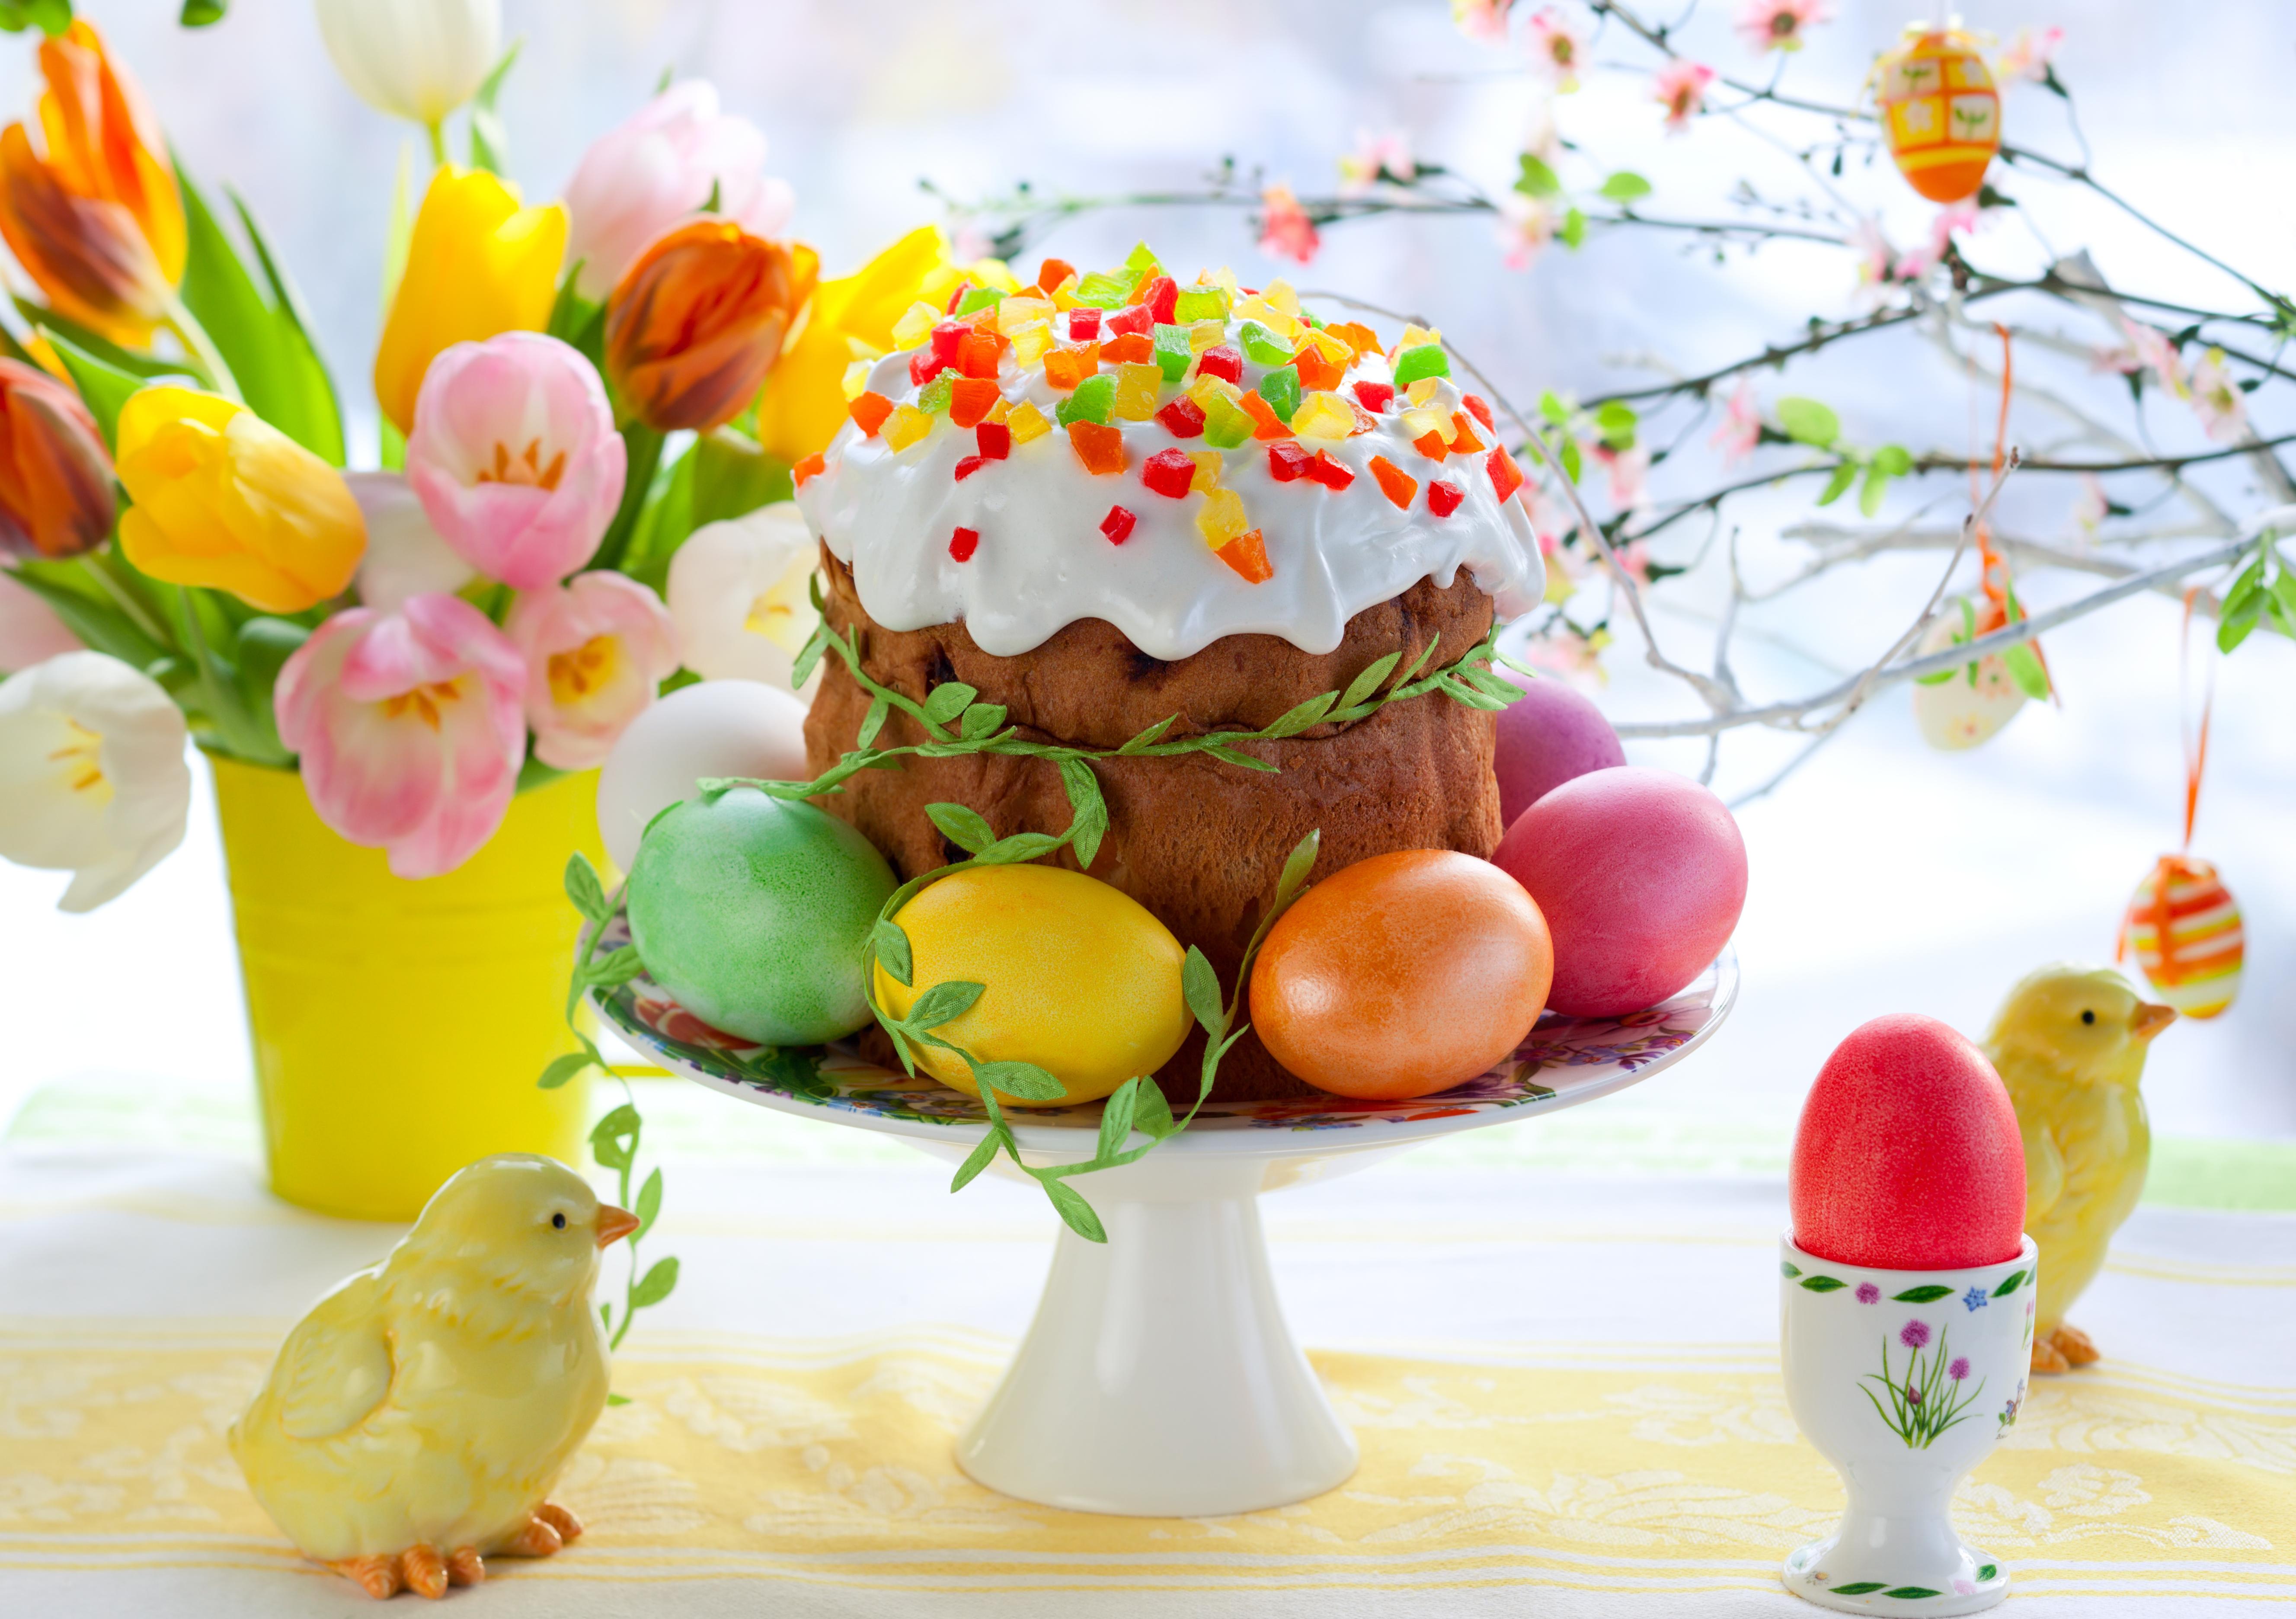 праздник пасха кулич яйца  № 2646751 бесплатно